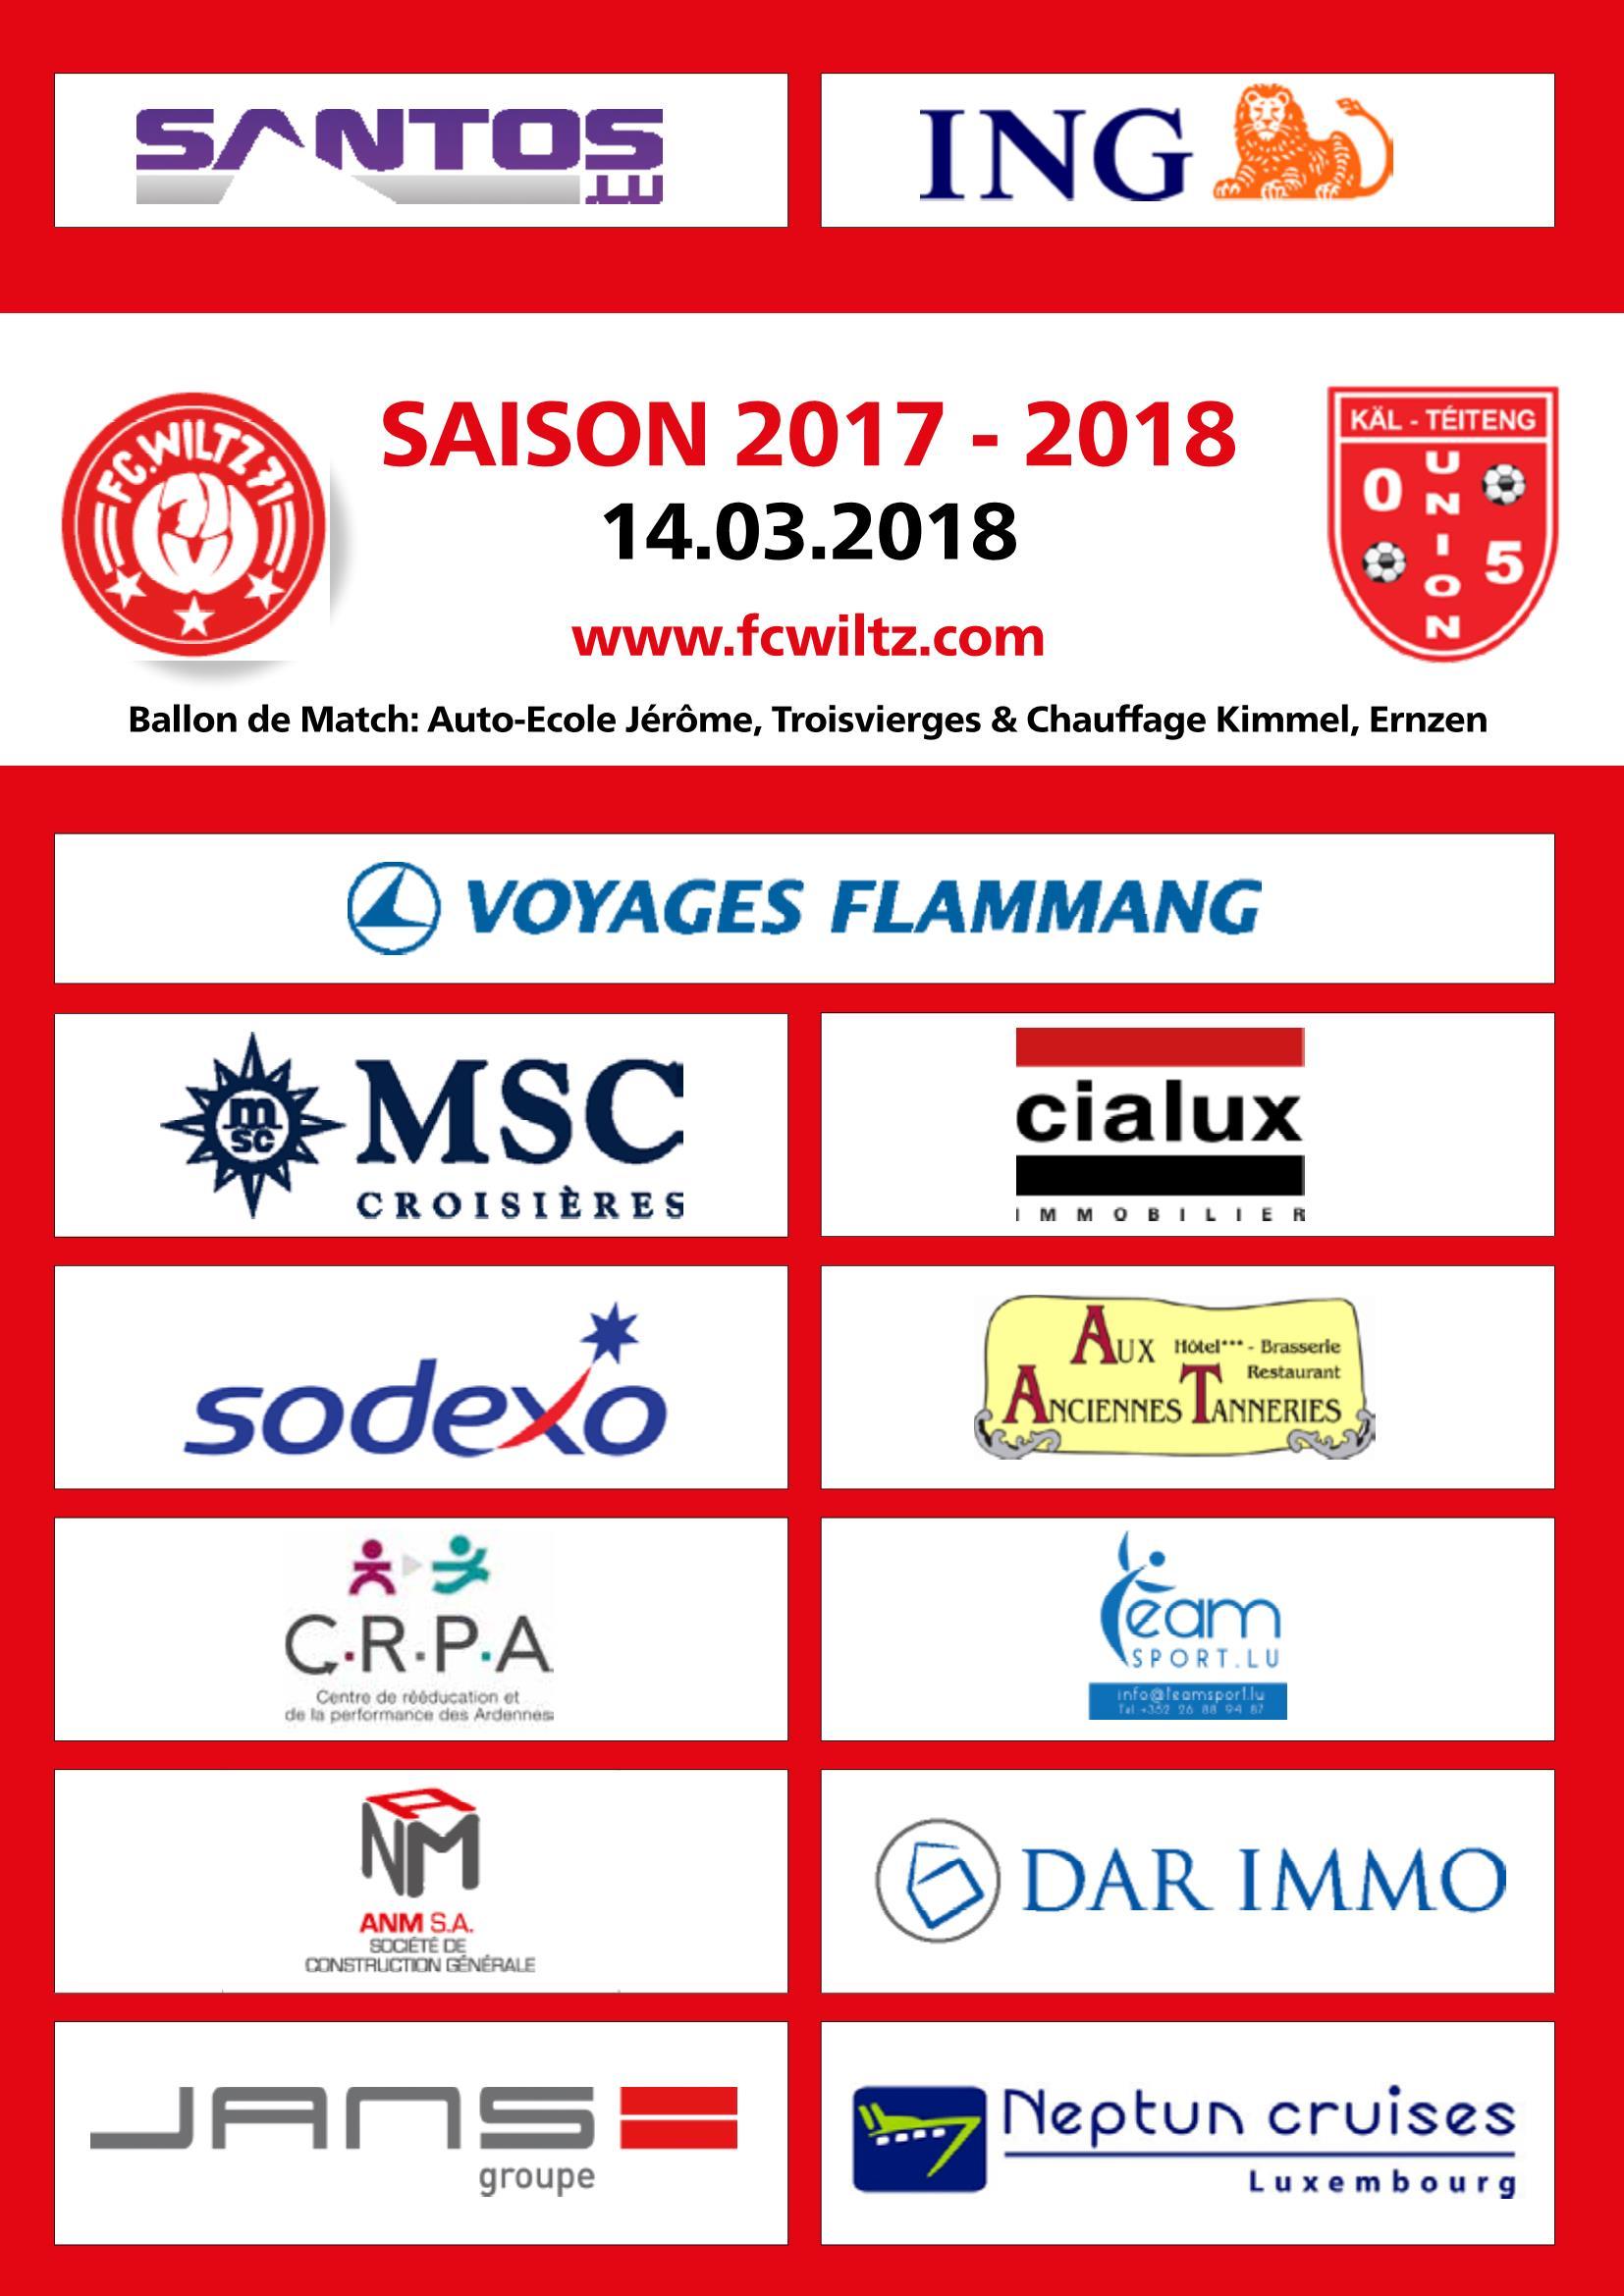 JOURNAL OFFICIEL - FC Wooltz 71  vs  Union 05 Käl-Téiteng